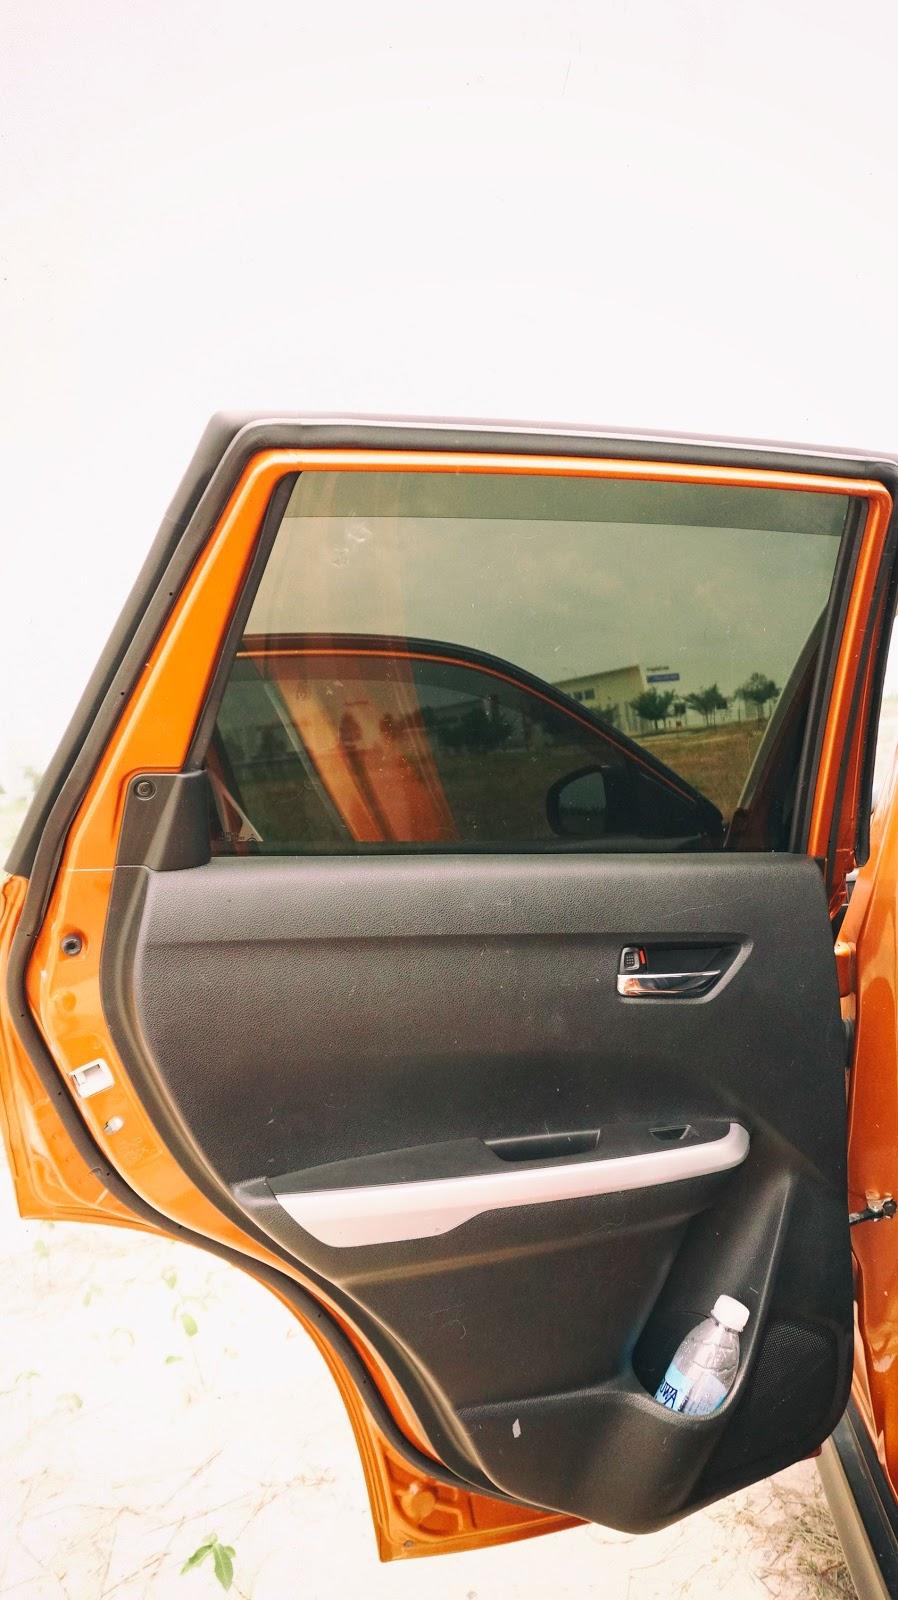 Người ngồi trong xe sẽ không cảm nhận được cái nắng của mặt trời nhờ kính màu chống tia cực tím